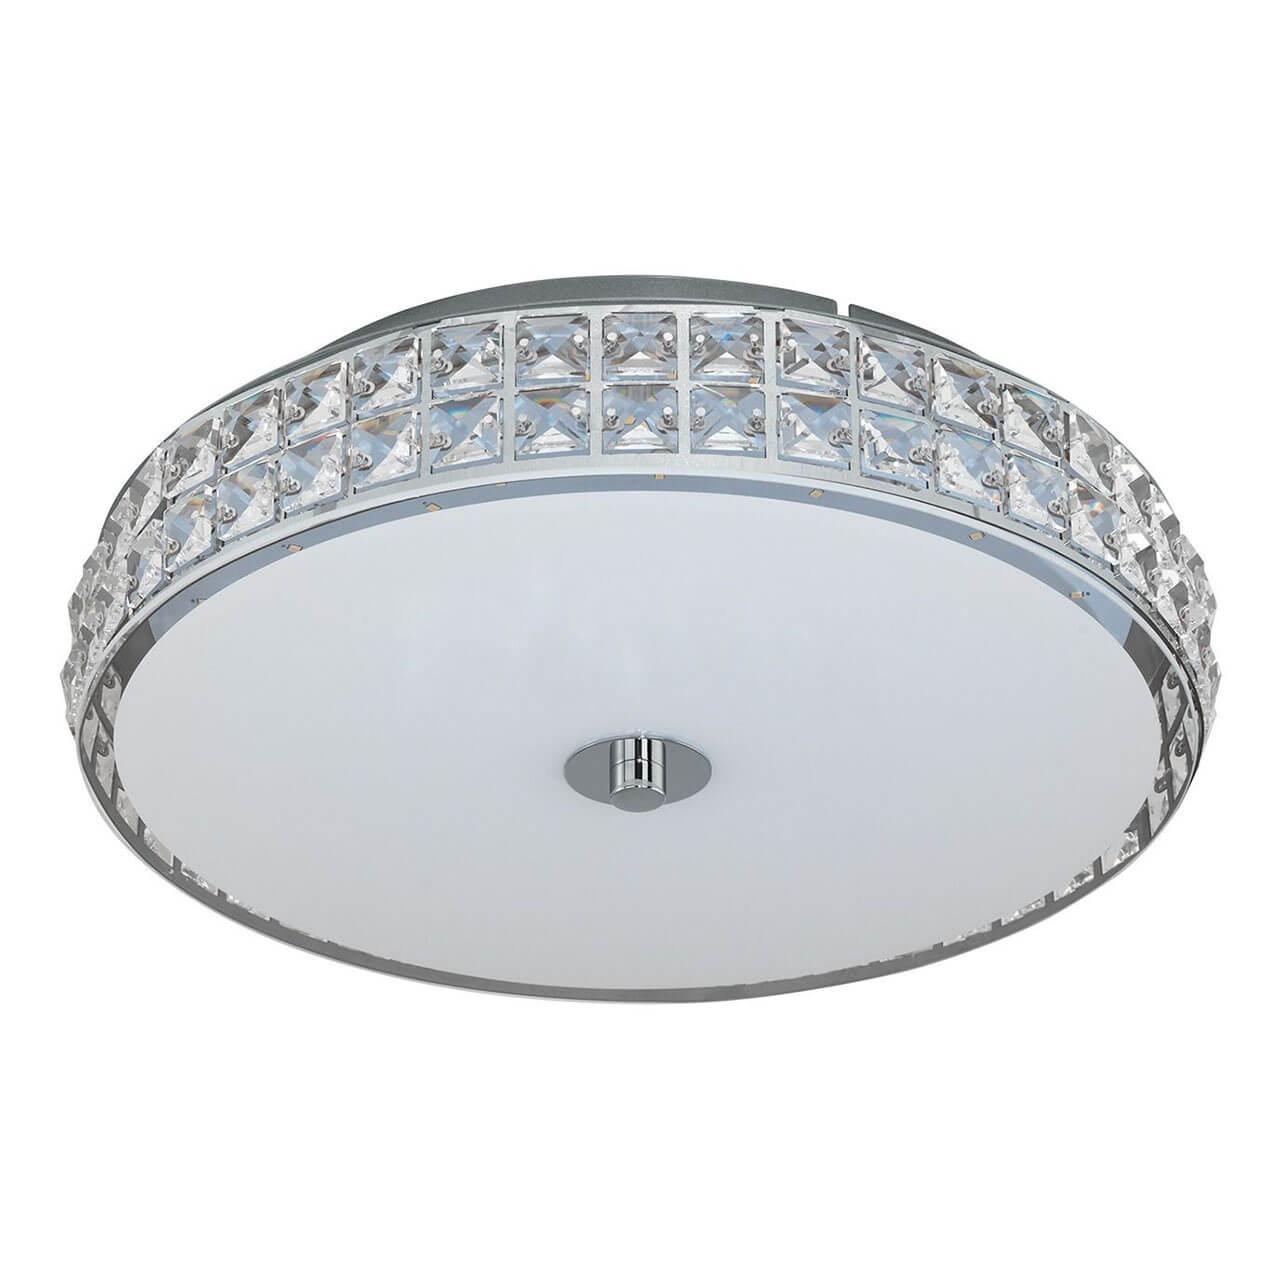 Потолочный светодиодный светильник Eglo Cardillio 96005 цена в Москве и Питере